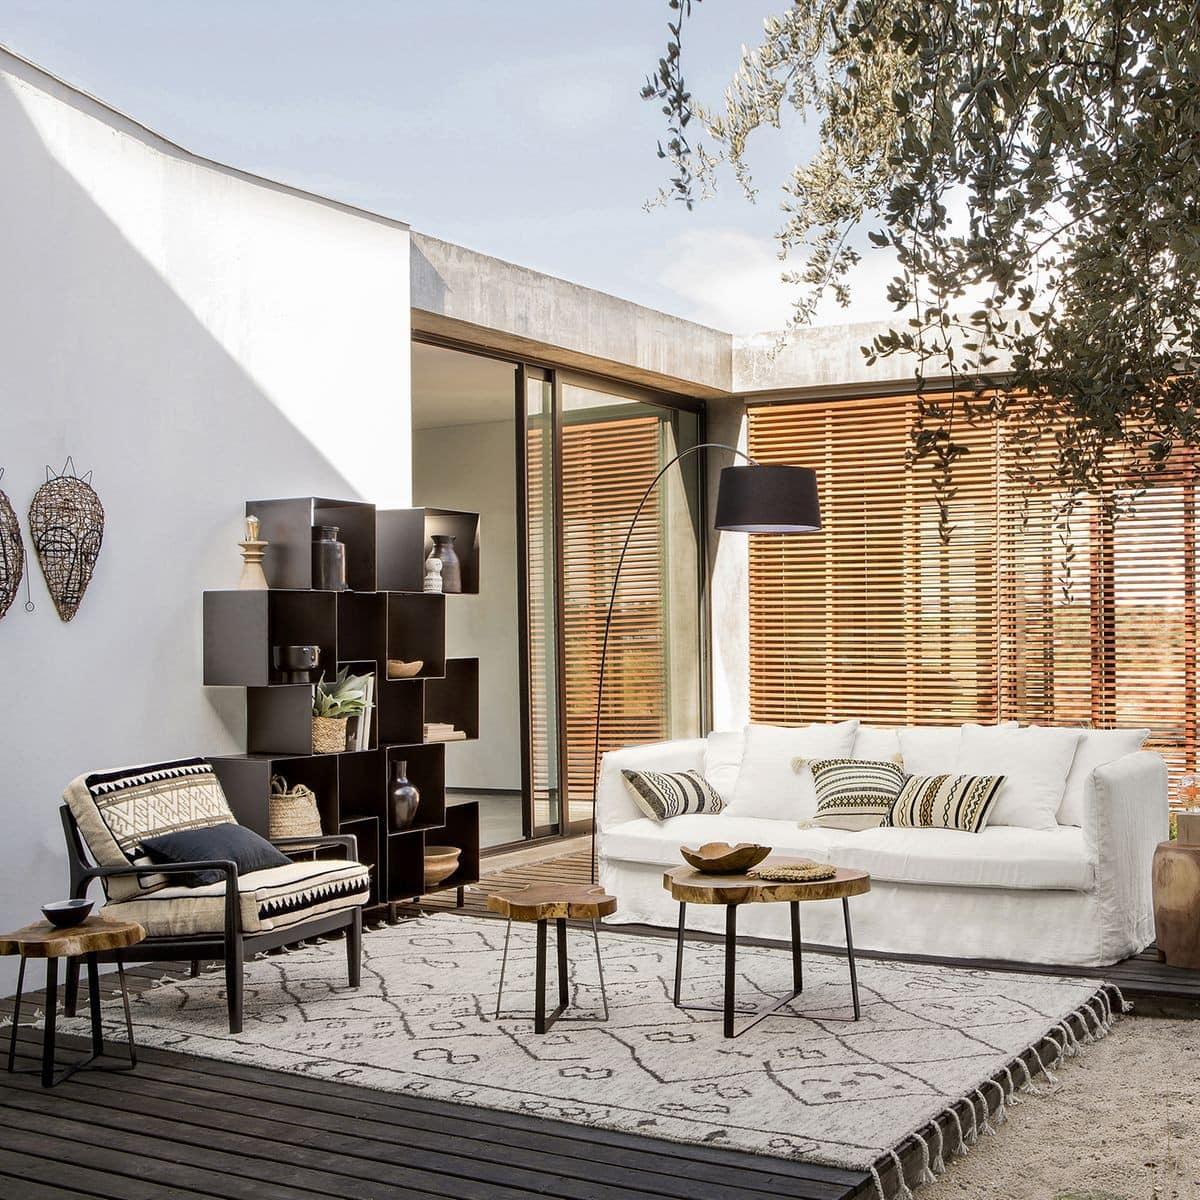 o acheter un tapis style berb re en laine ou en. Black Bedroom Furniture Sets. Home Design Ideas